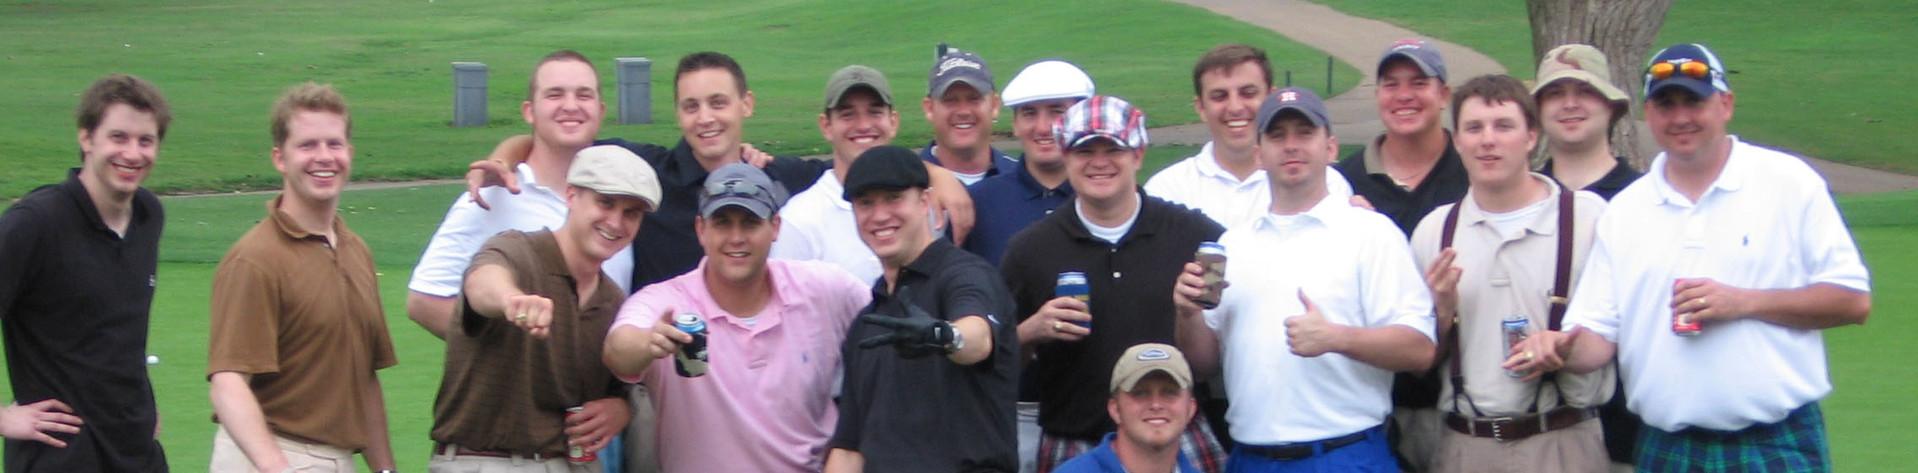 2007 KON Group Pic.jpg